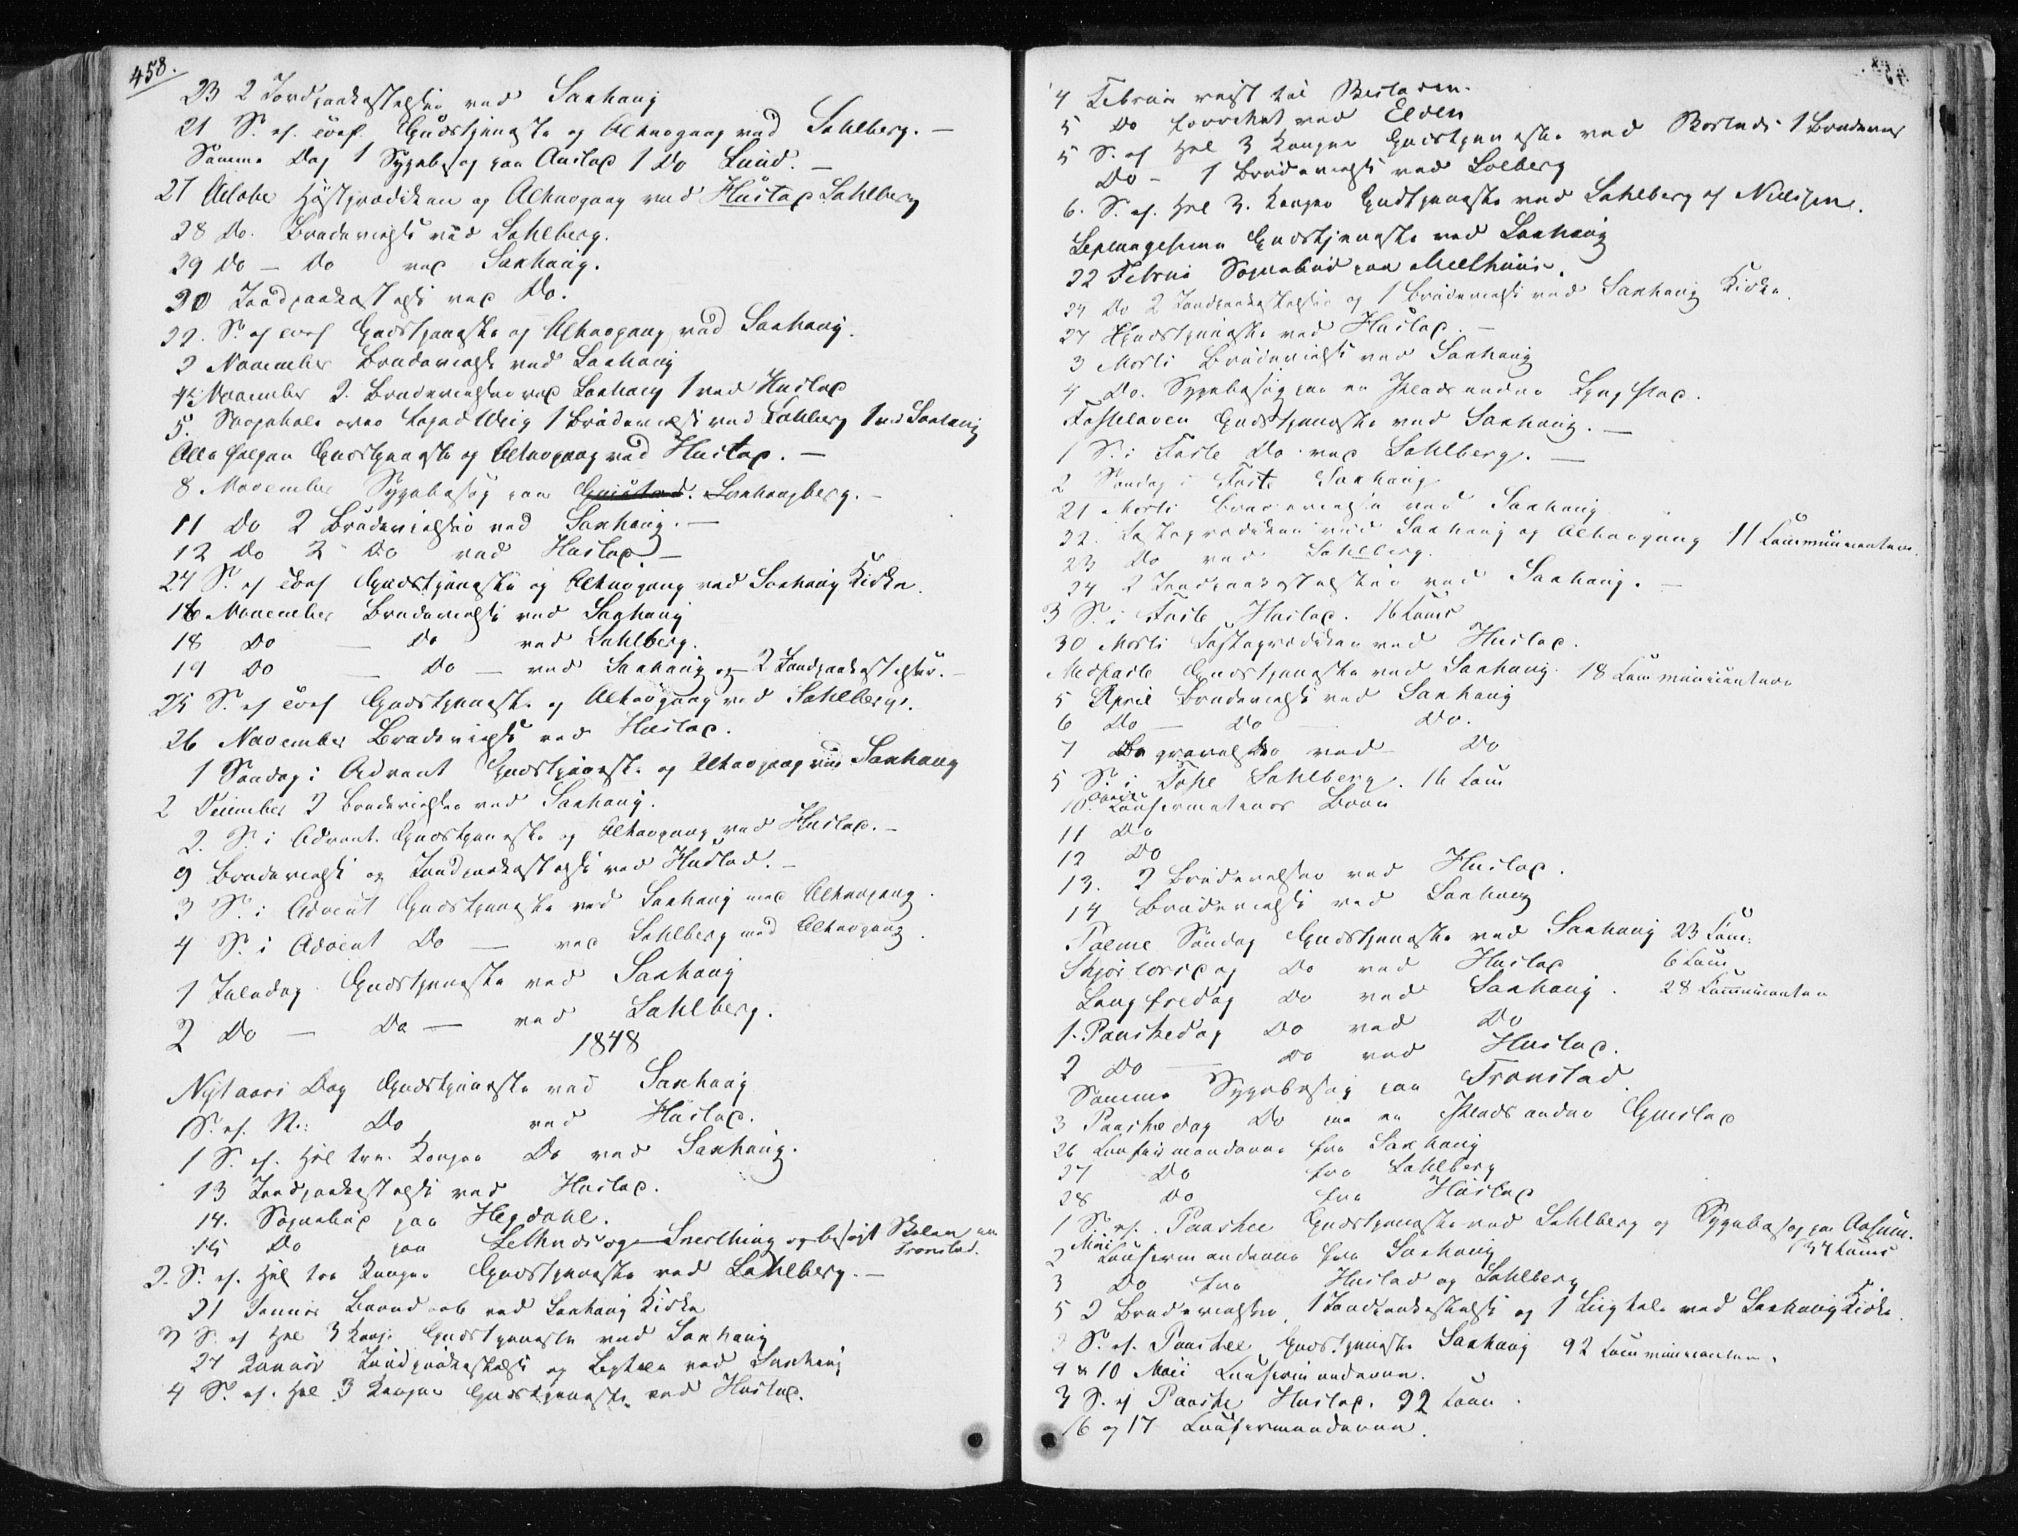 SAT, Ministerialprotokoller, klokkerbøker og fødselsregistre - Nord-Trøndelag, 730/L0280: Ministerialbok nr. 730A07 /1, 1840-1854, s. 458